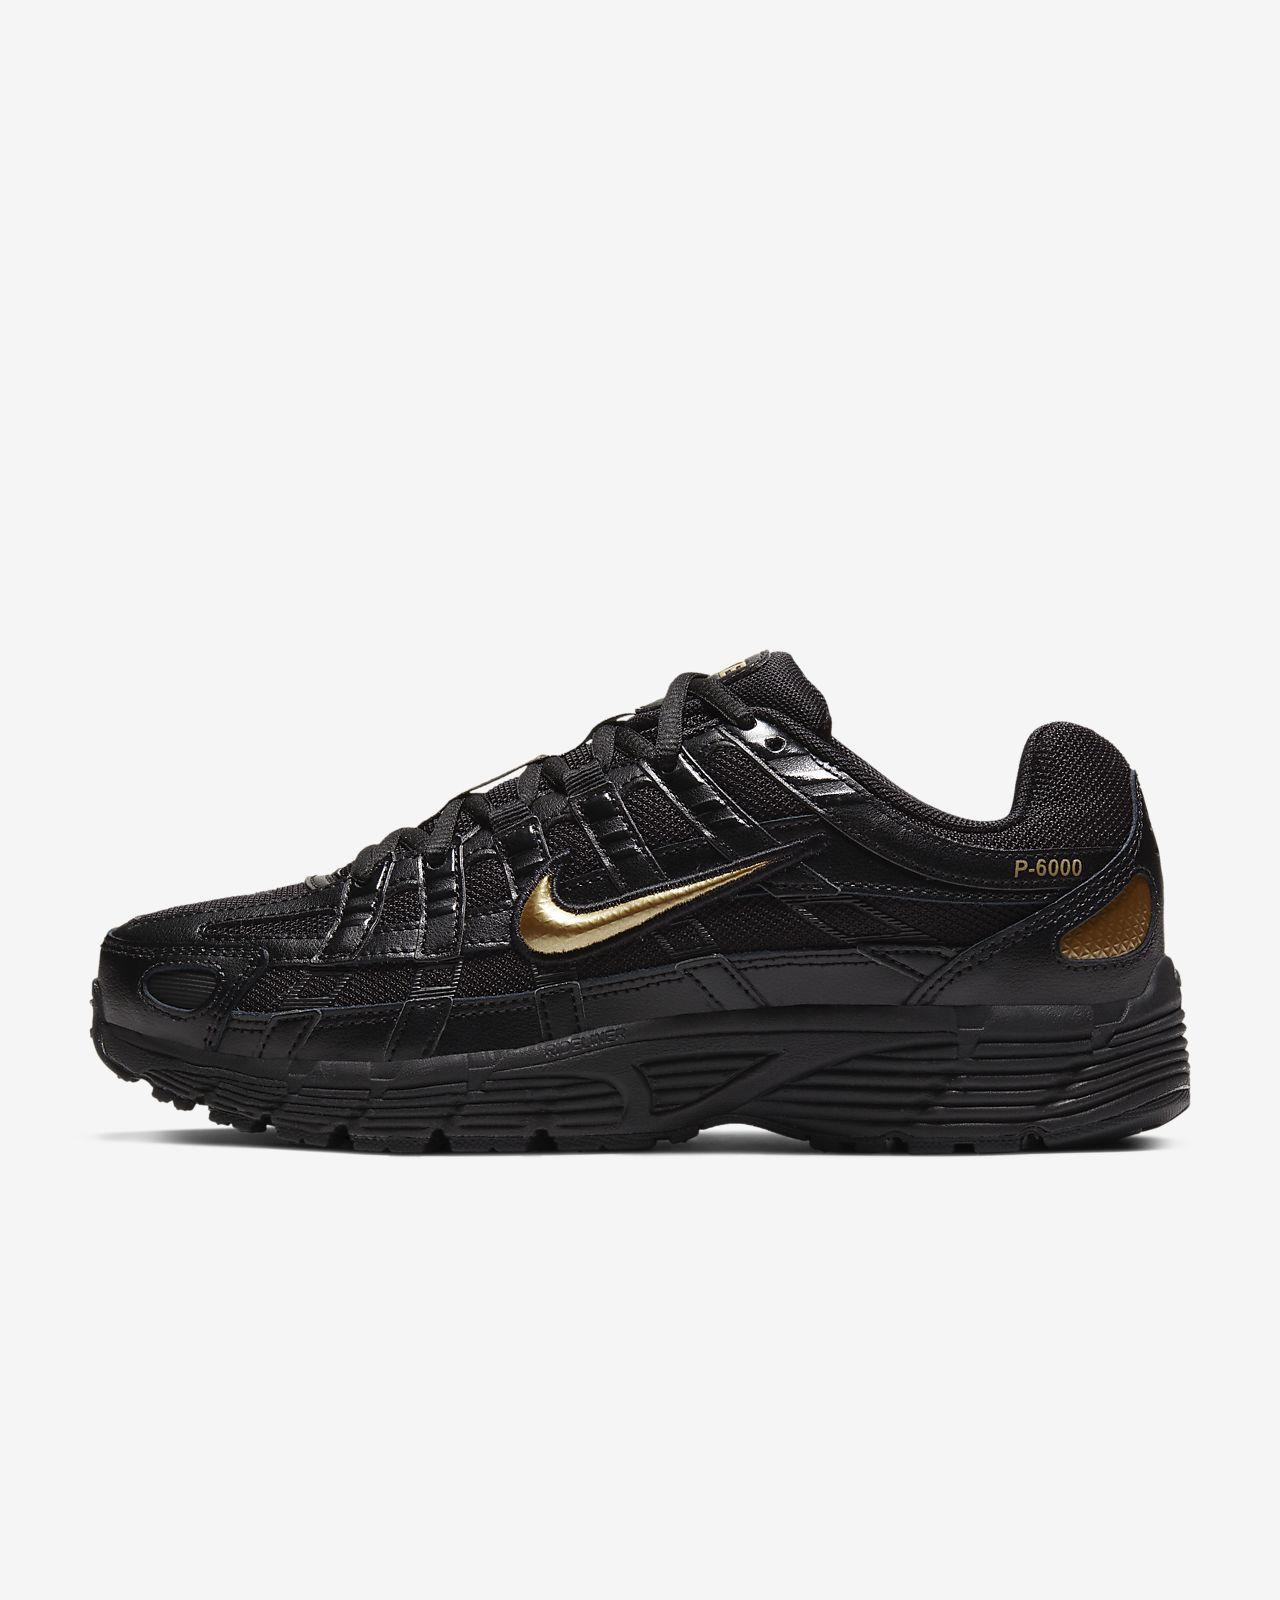 Nike Presto React czyli siateczkowe sneakery Sneakersy Nike